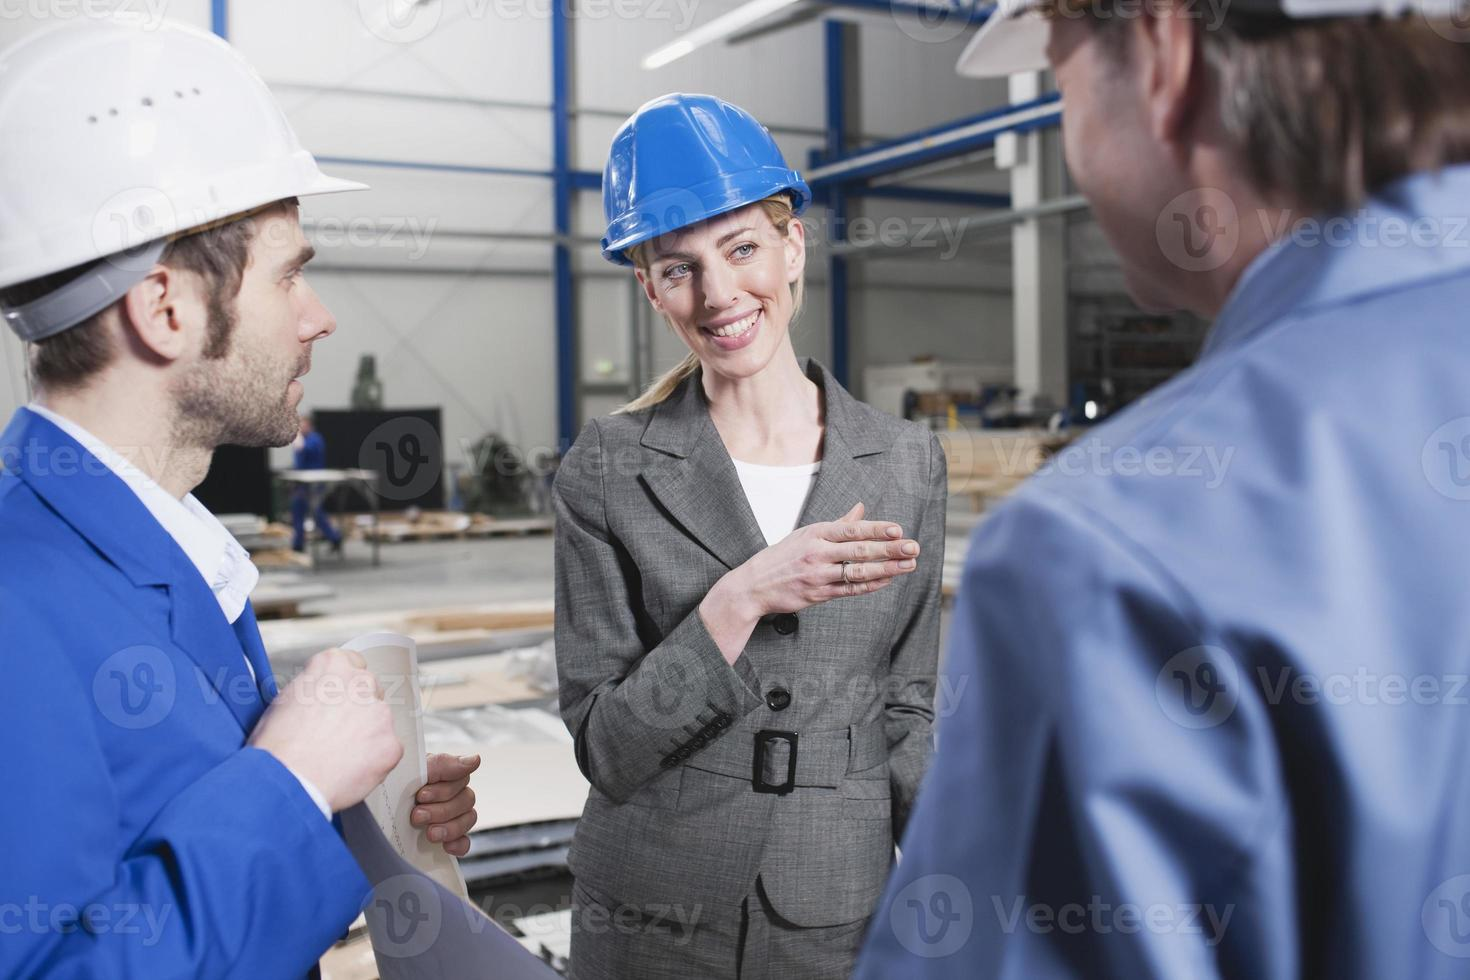 Architektin und Vorarbeiterin in der Industriehalle foto